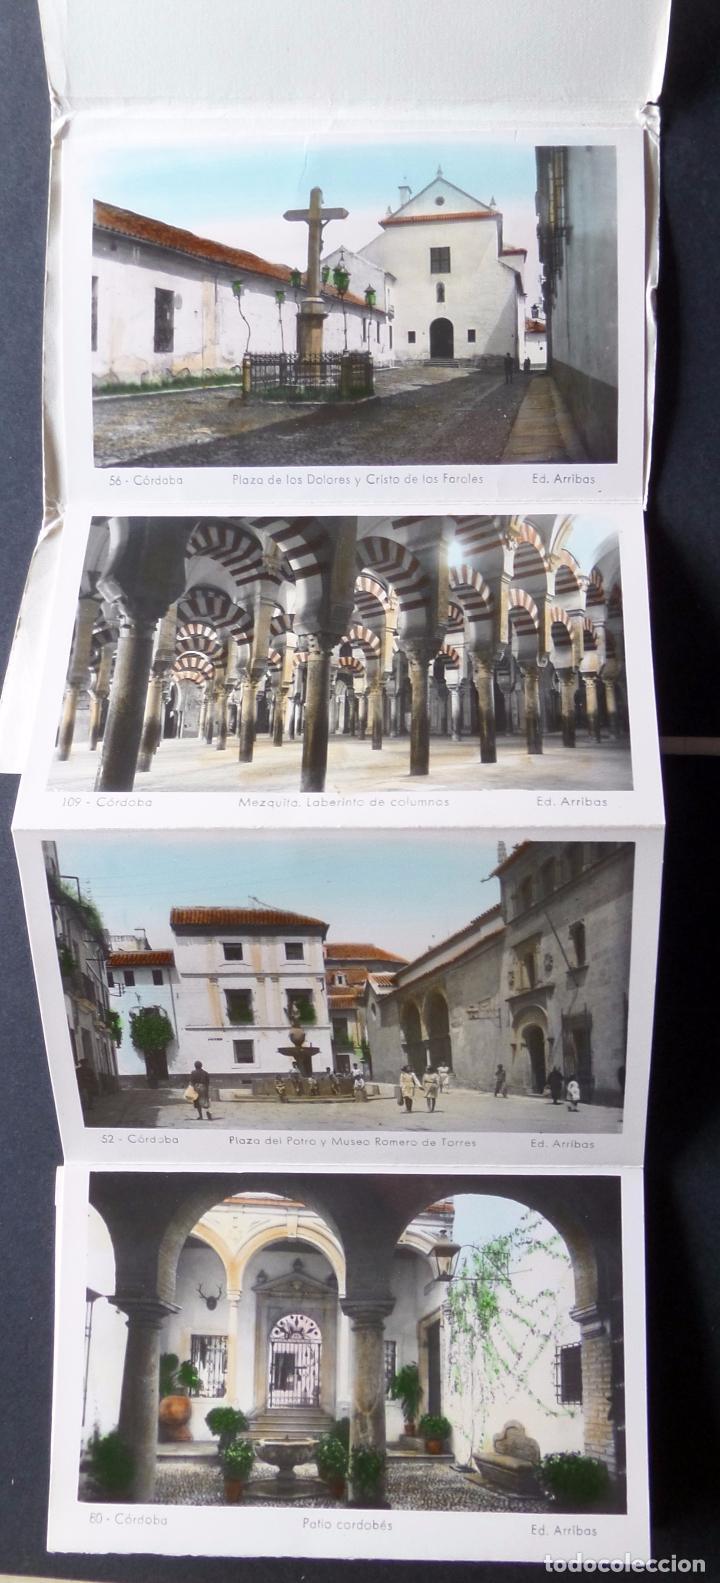 Postales: Antigua Carpeta de 10 postales Recuerdo de Cordoba, Ediciones Arribas, ver fotografías y comentarios - Foto 2 - 95930763